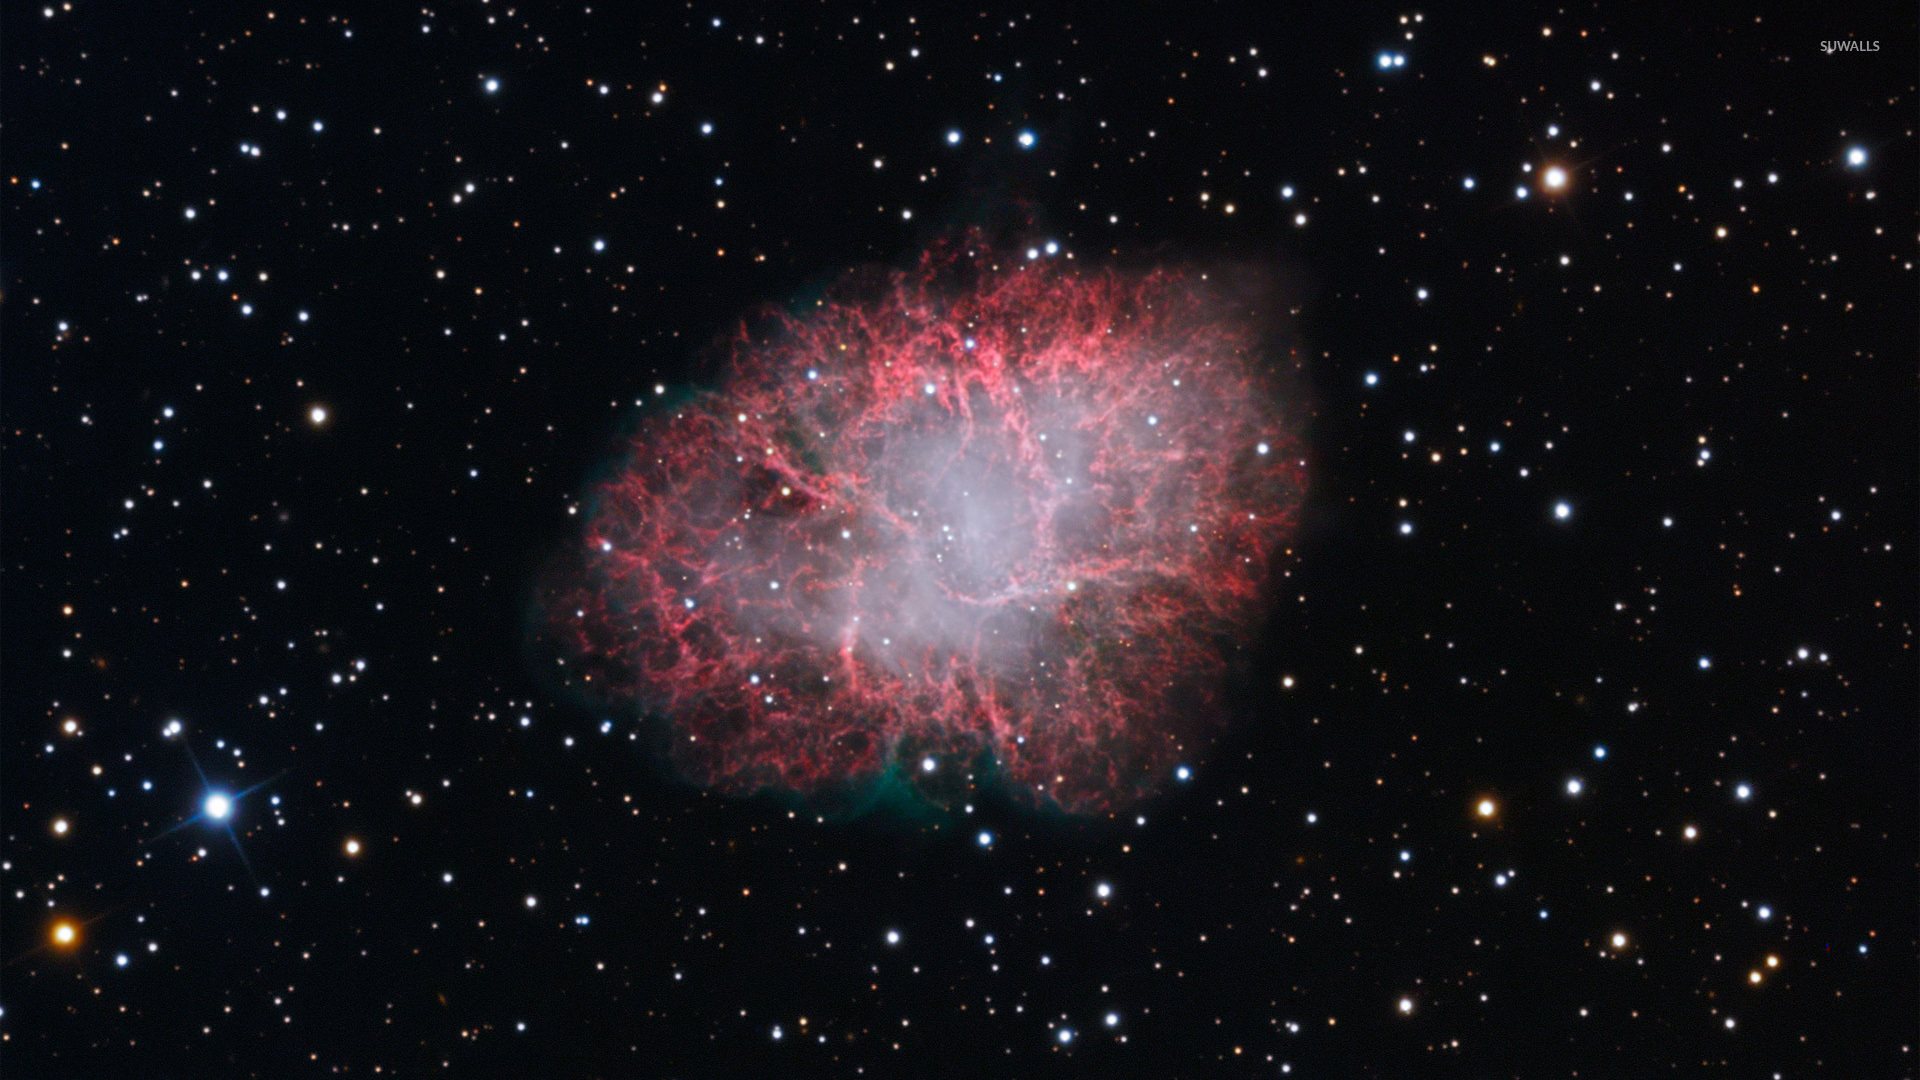 nebula 1920x1080 - photo #31